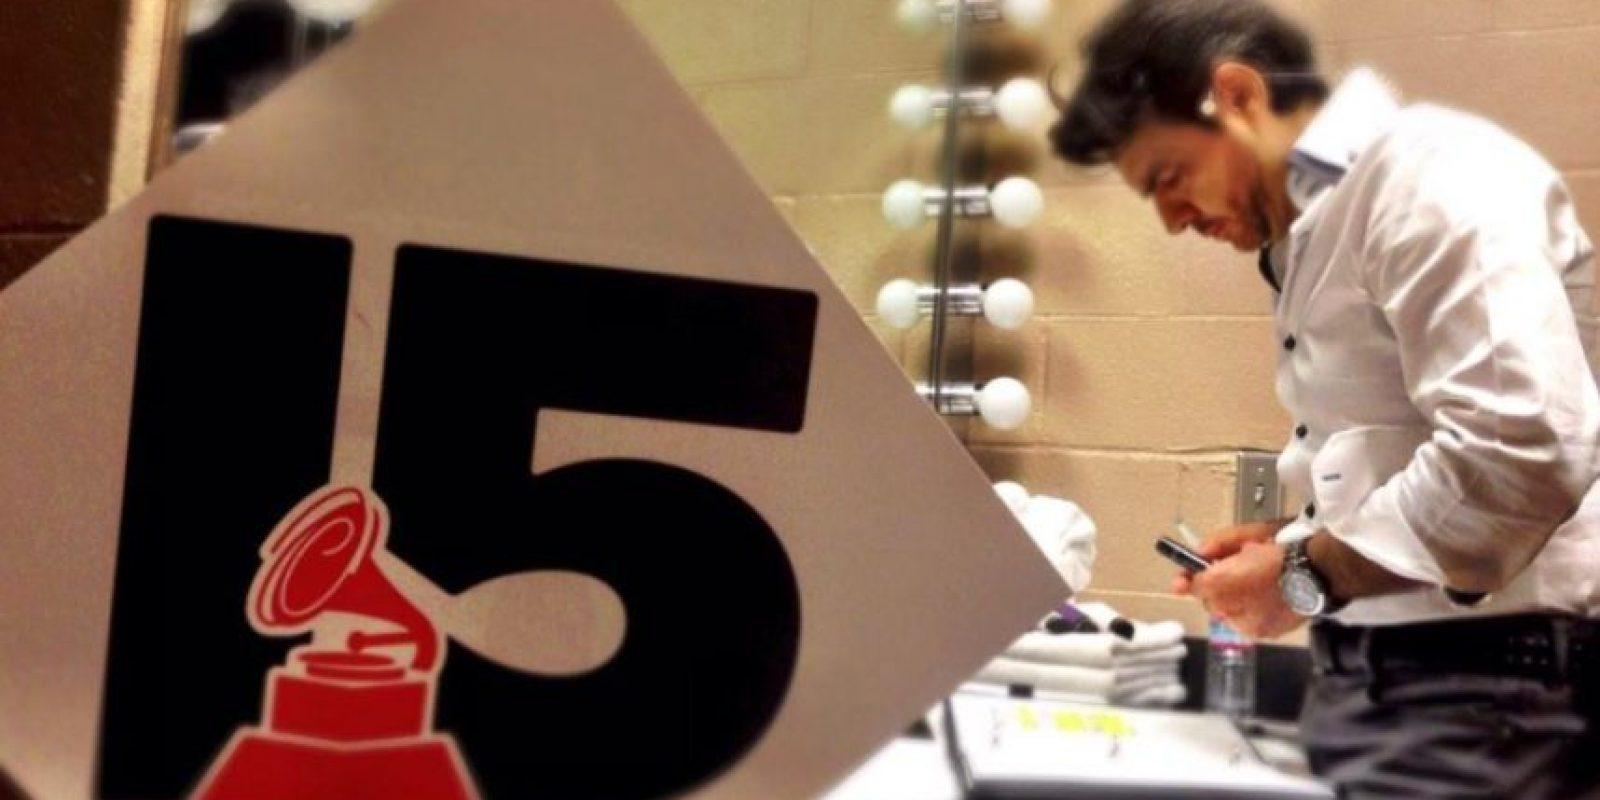 Eugenio Derbez en sus ensayos para los Grammy Foto:Twitter /Eugenio Derbez